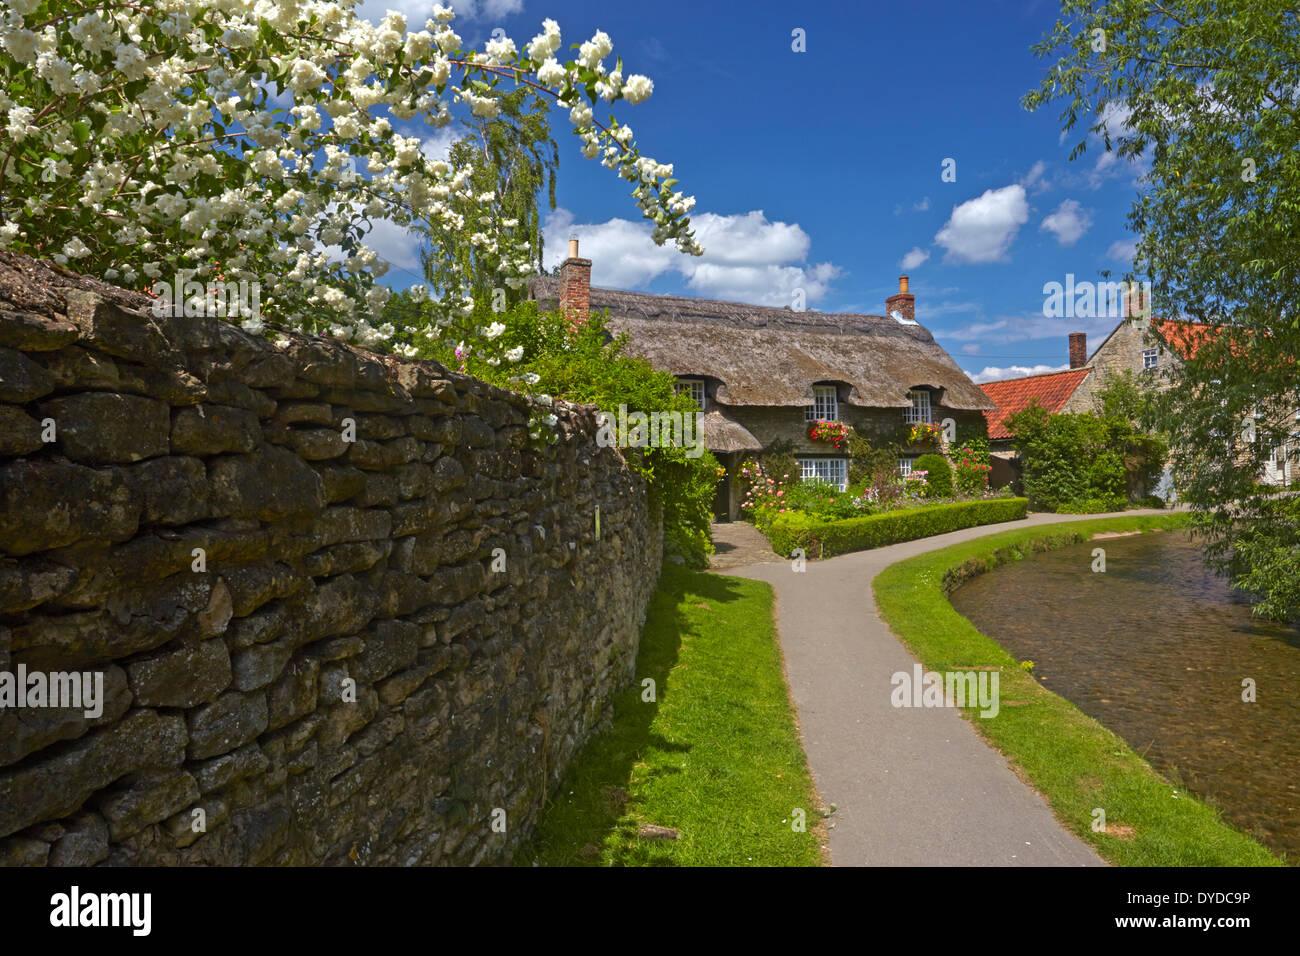 Un cottage con tetto di paglia a Thornton le Dale. Foto Stock